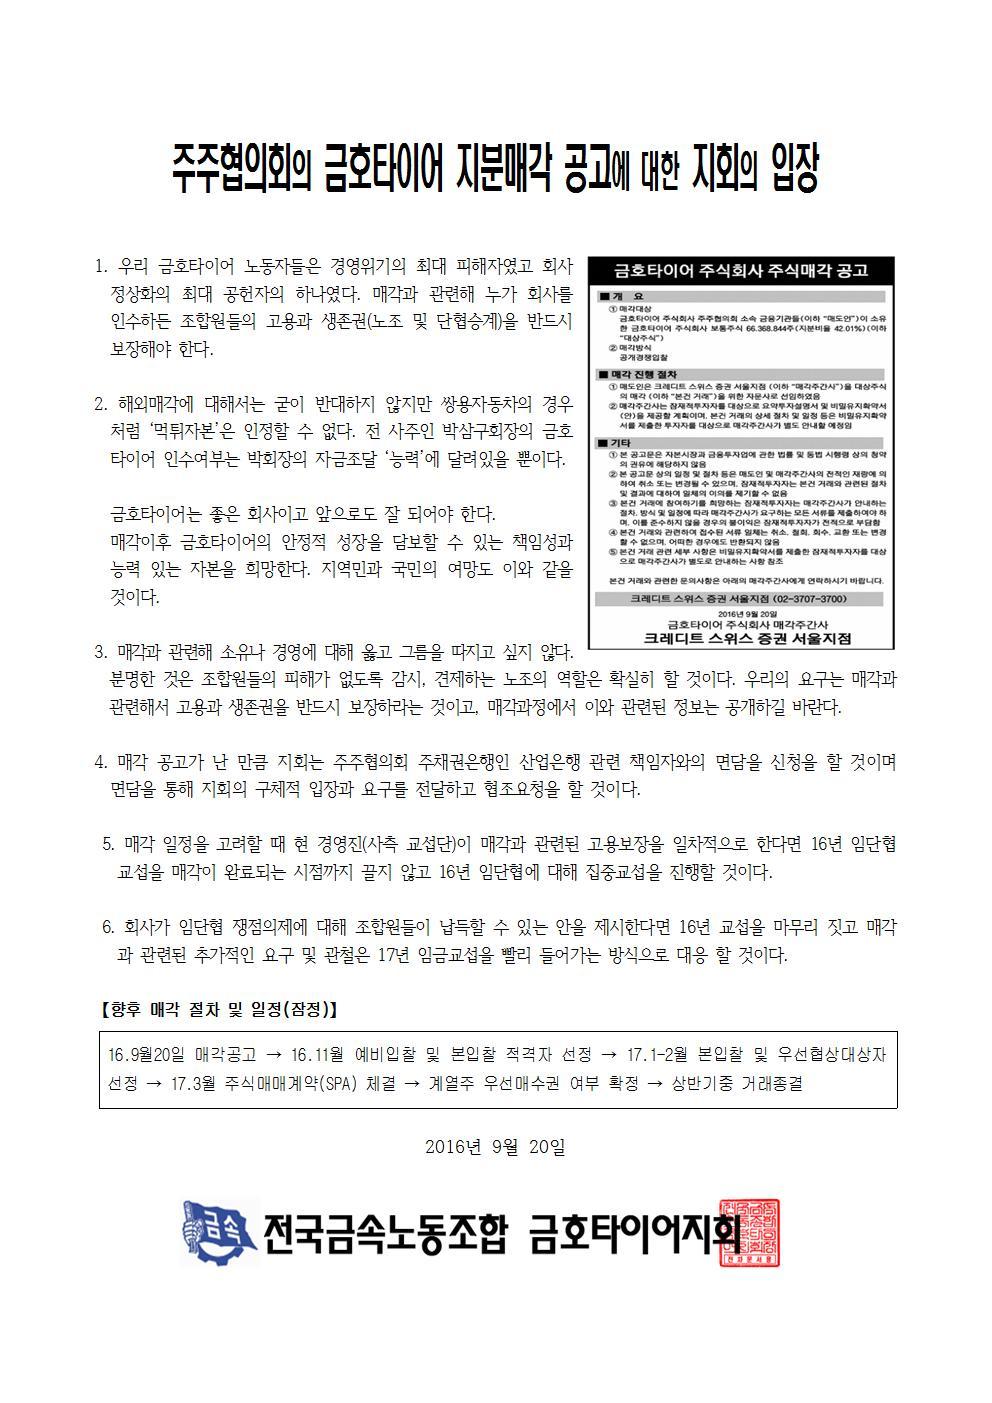 주주협의회의 금호타이어 지분매각 공고에 대한 지회의 입장001.jpg